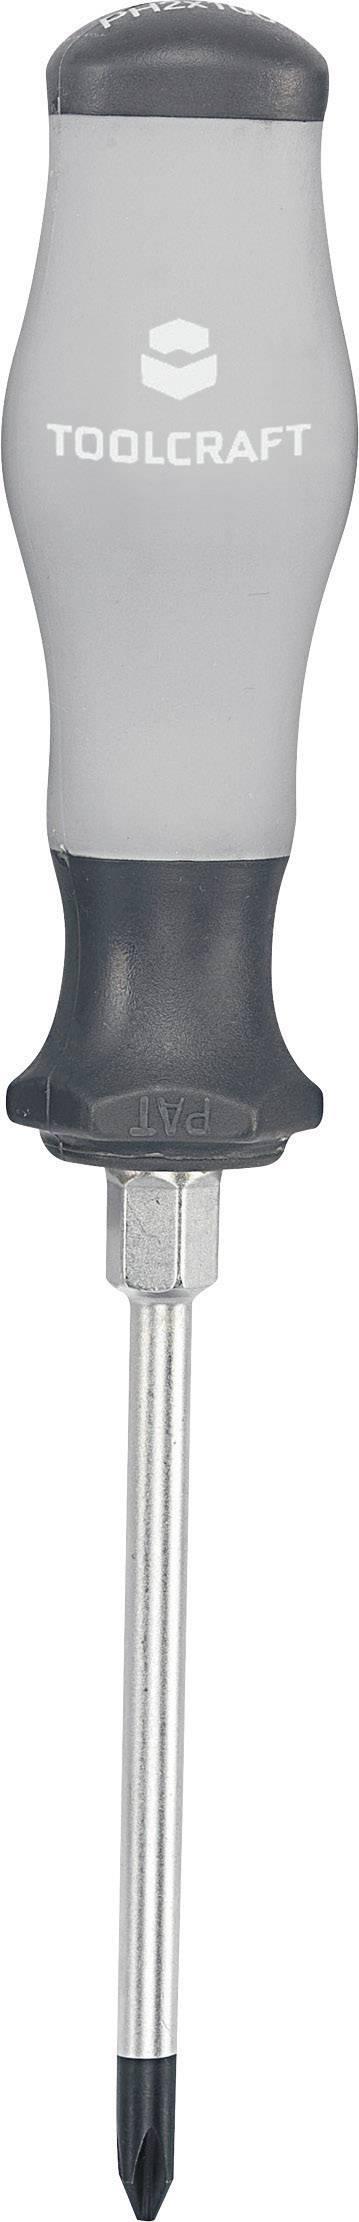 Křížový šroubovák dílna TOOLCRAFT 820740, PH 2, Délka čepele: 100 mm